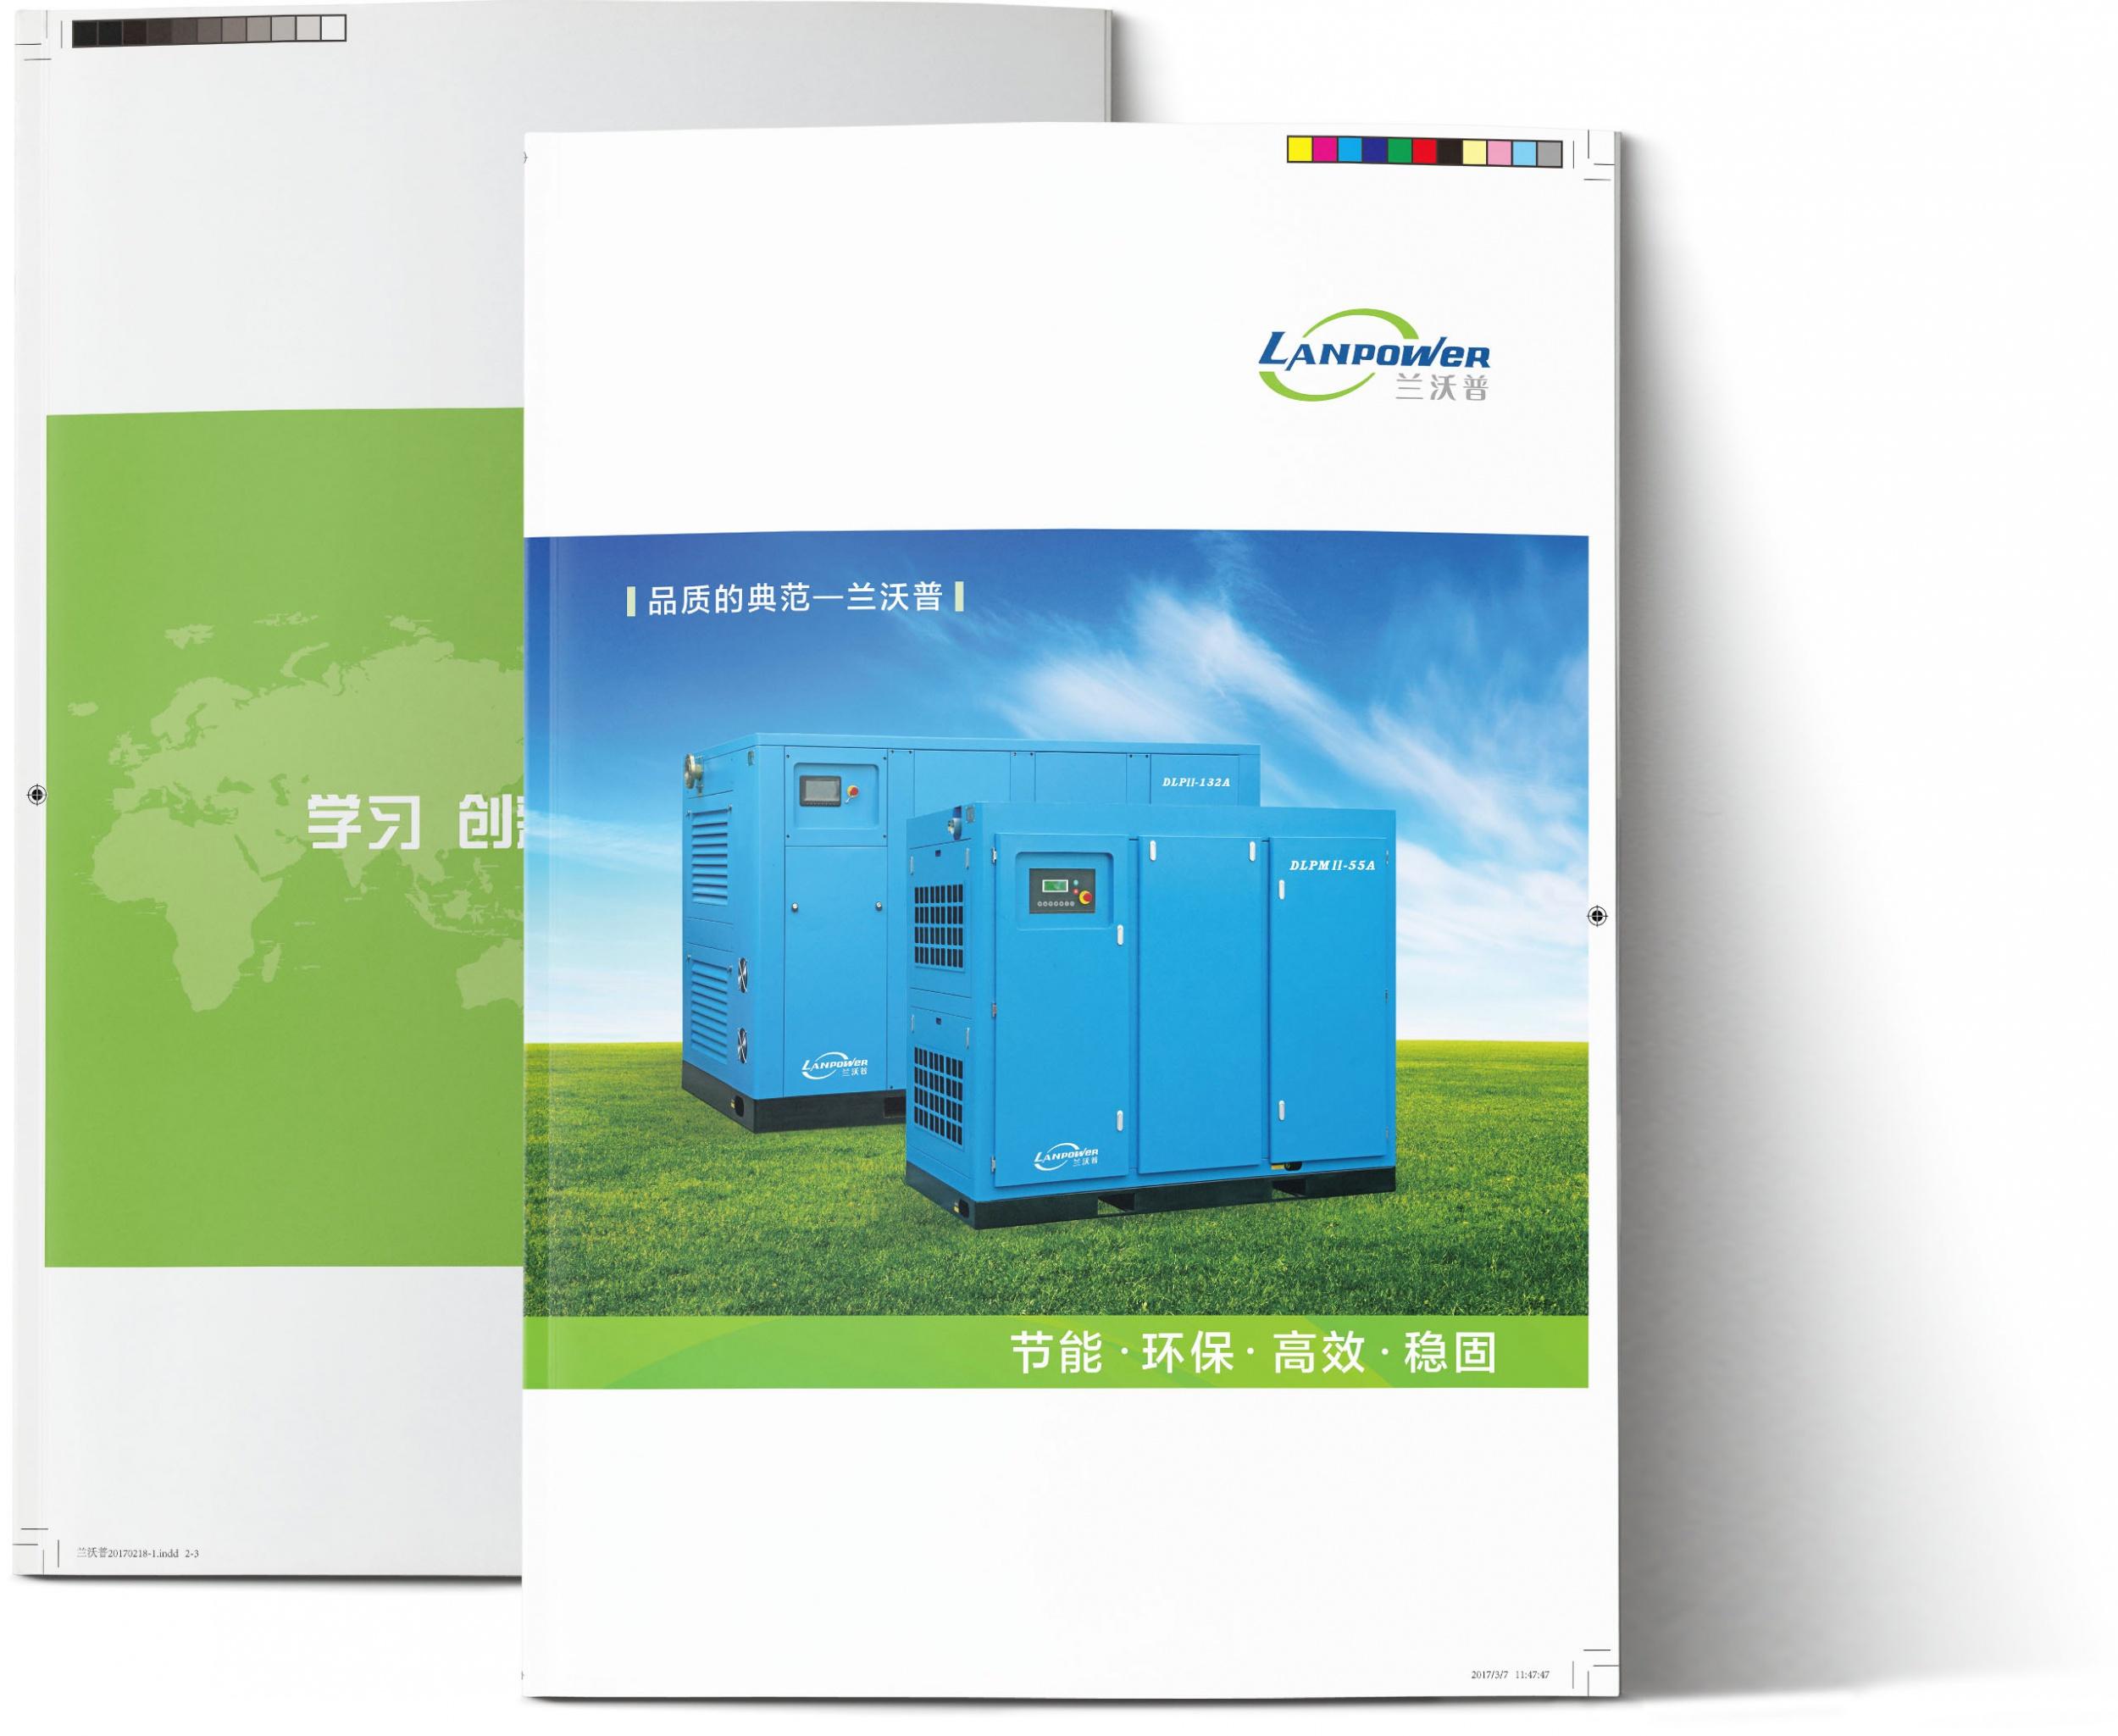 蘭沃普壓縮機(上海)有限公司